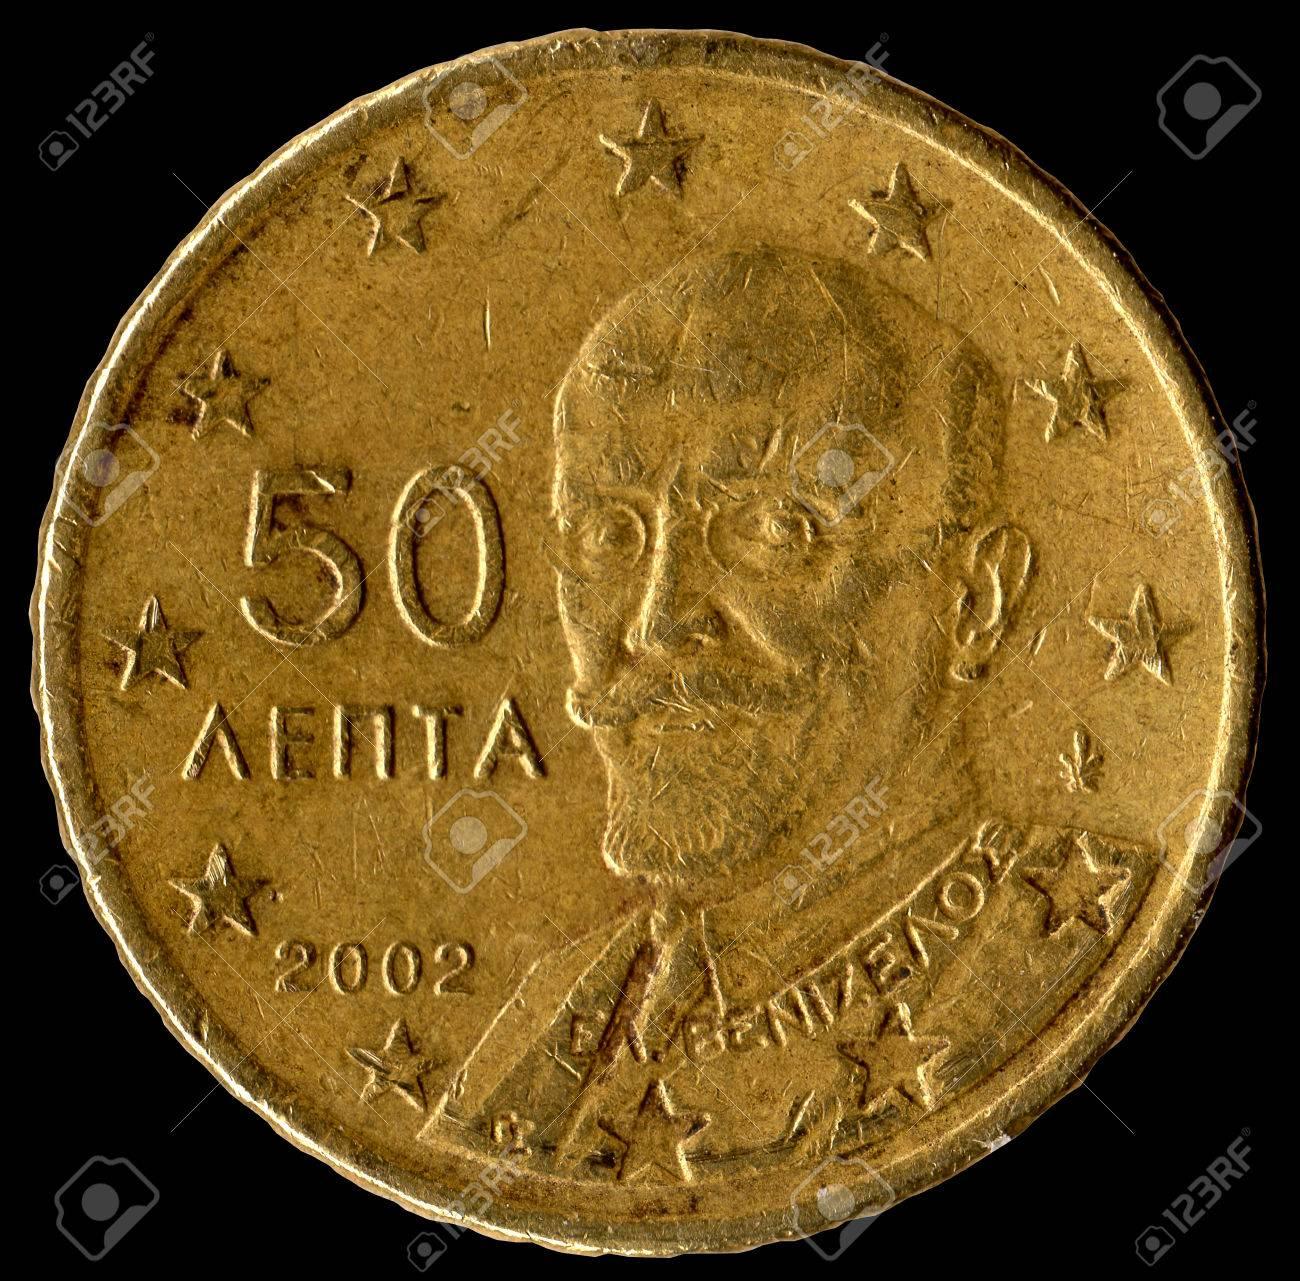 Griechische Münze Von 50 Cent Lizenzfreie Fotos Bilder Und Stock